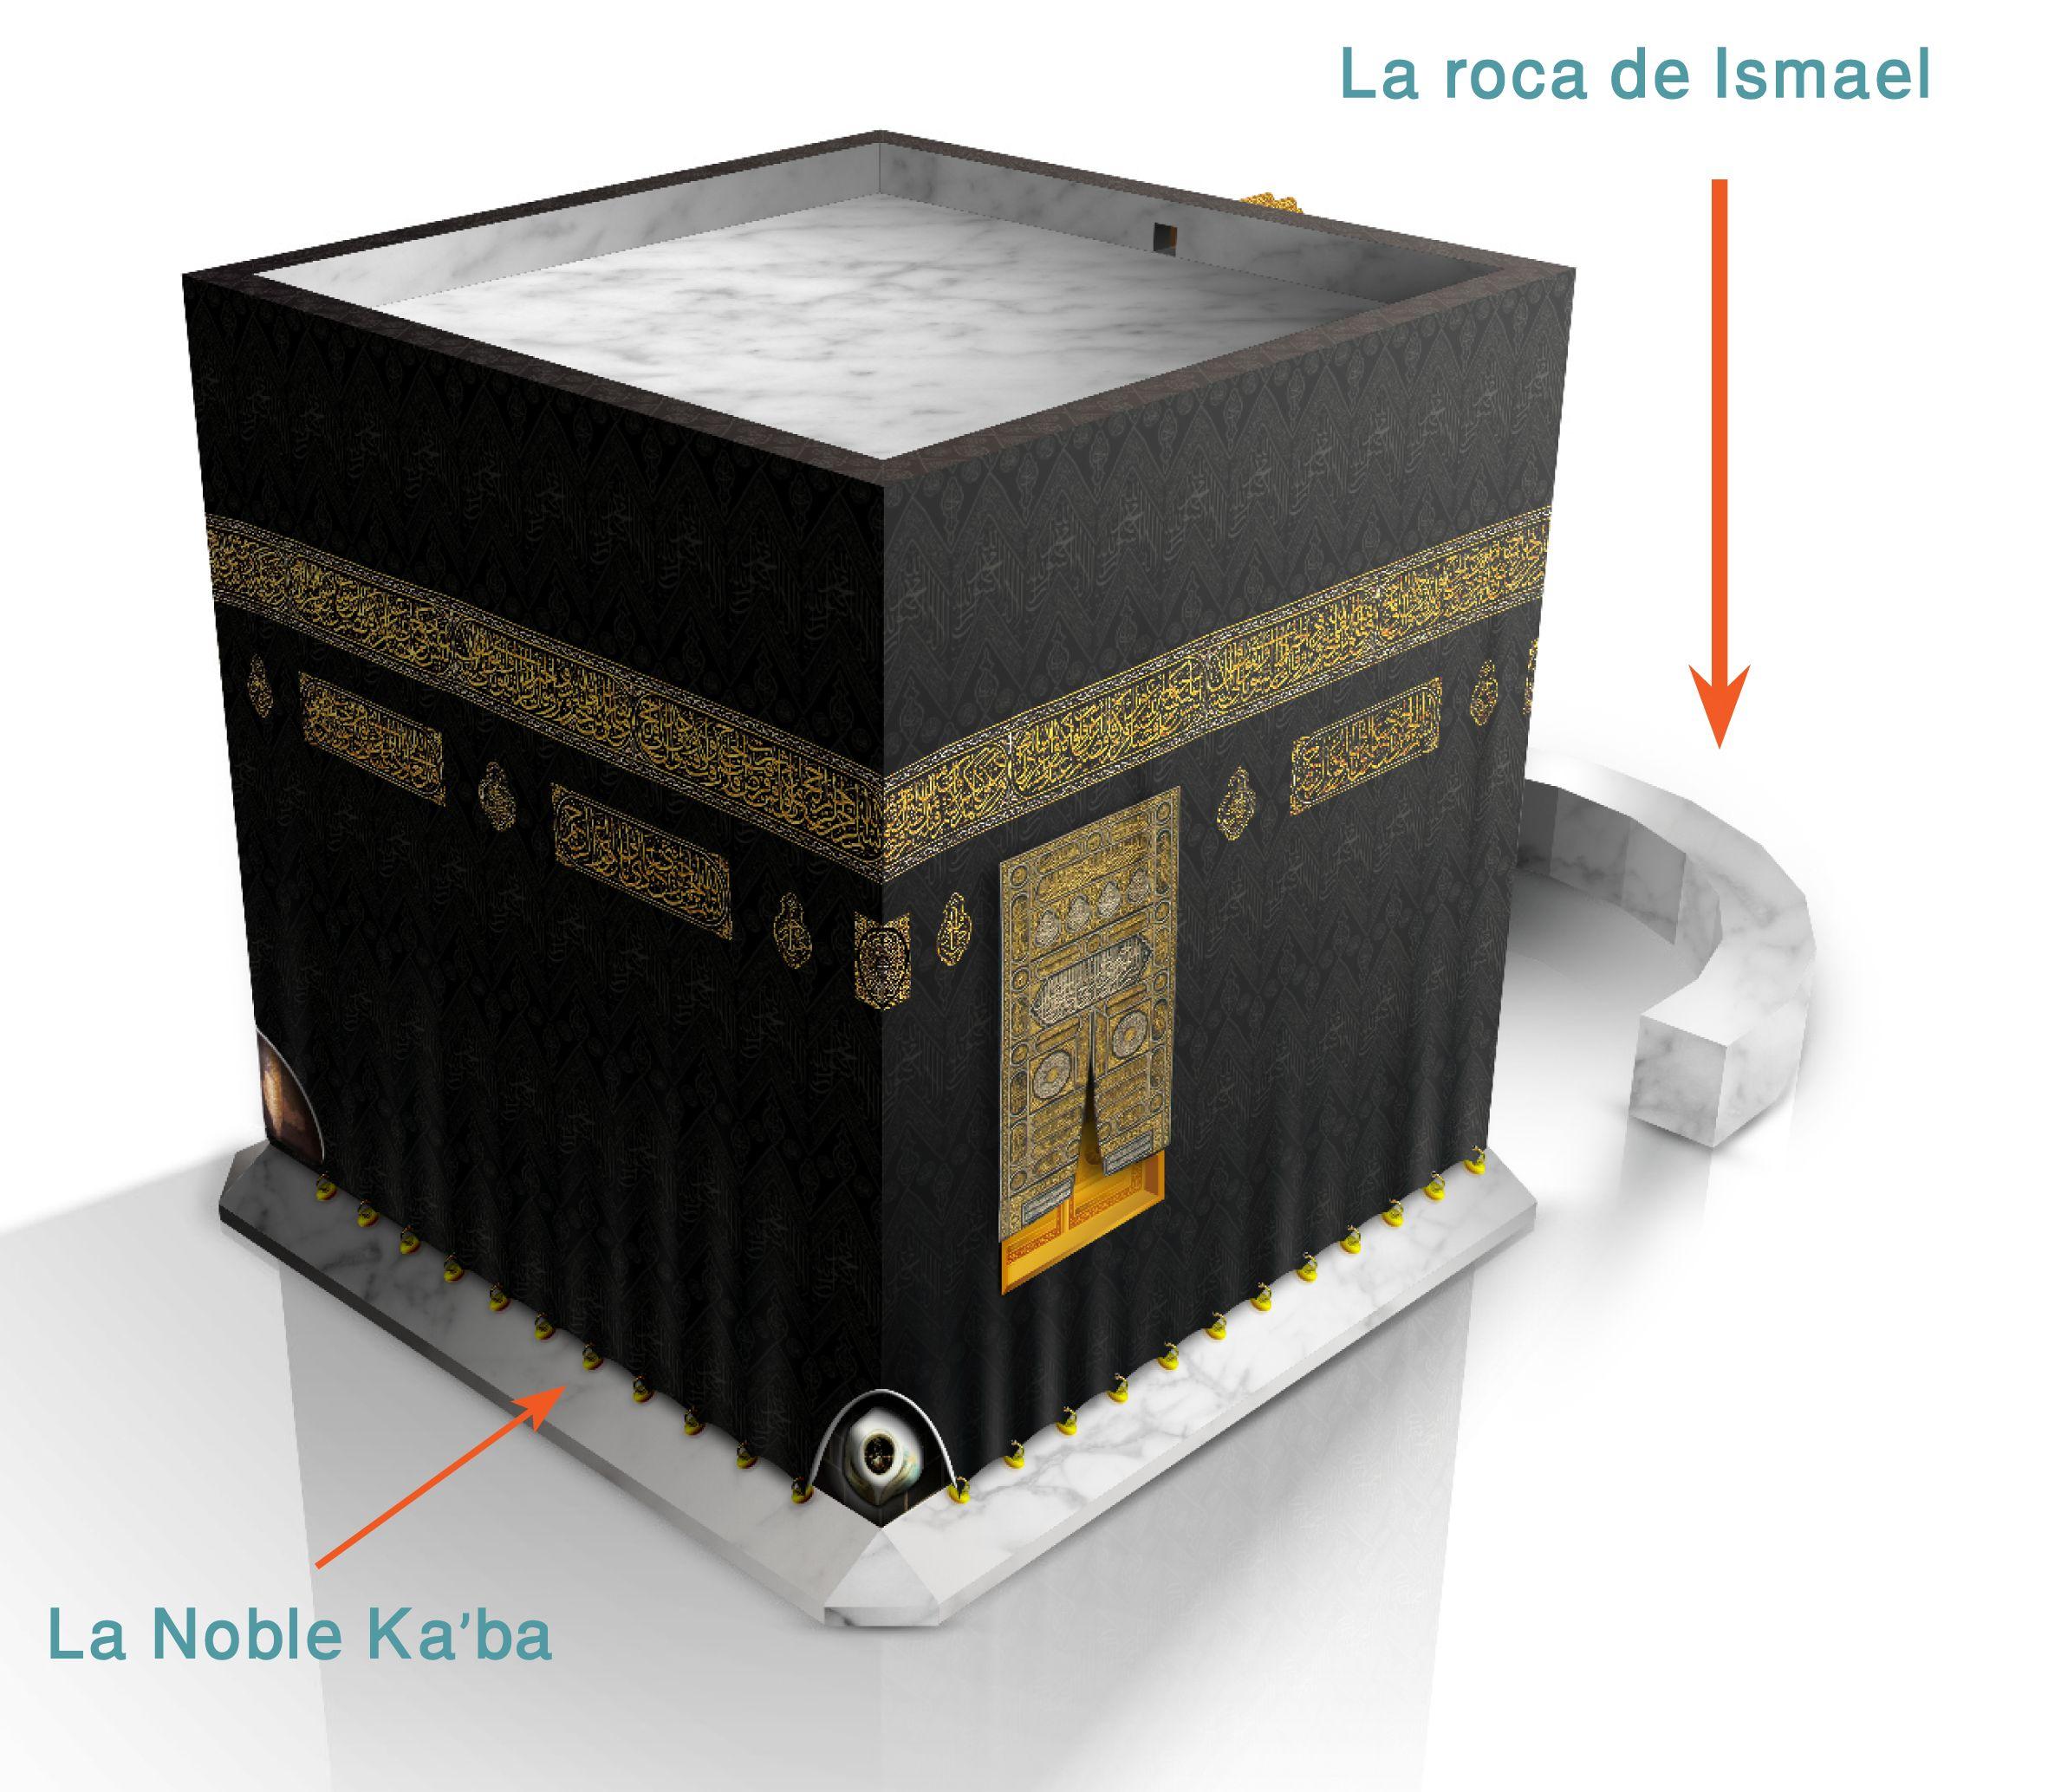 The venerable Ka'bah